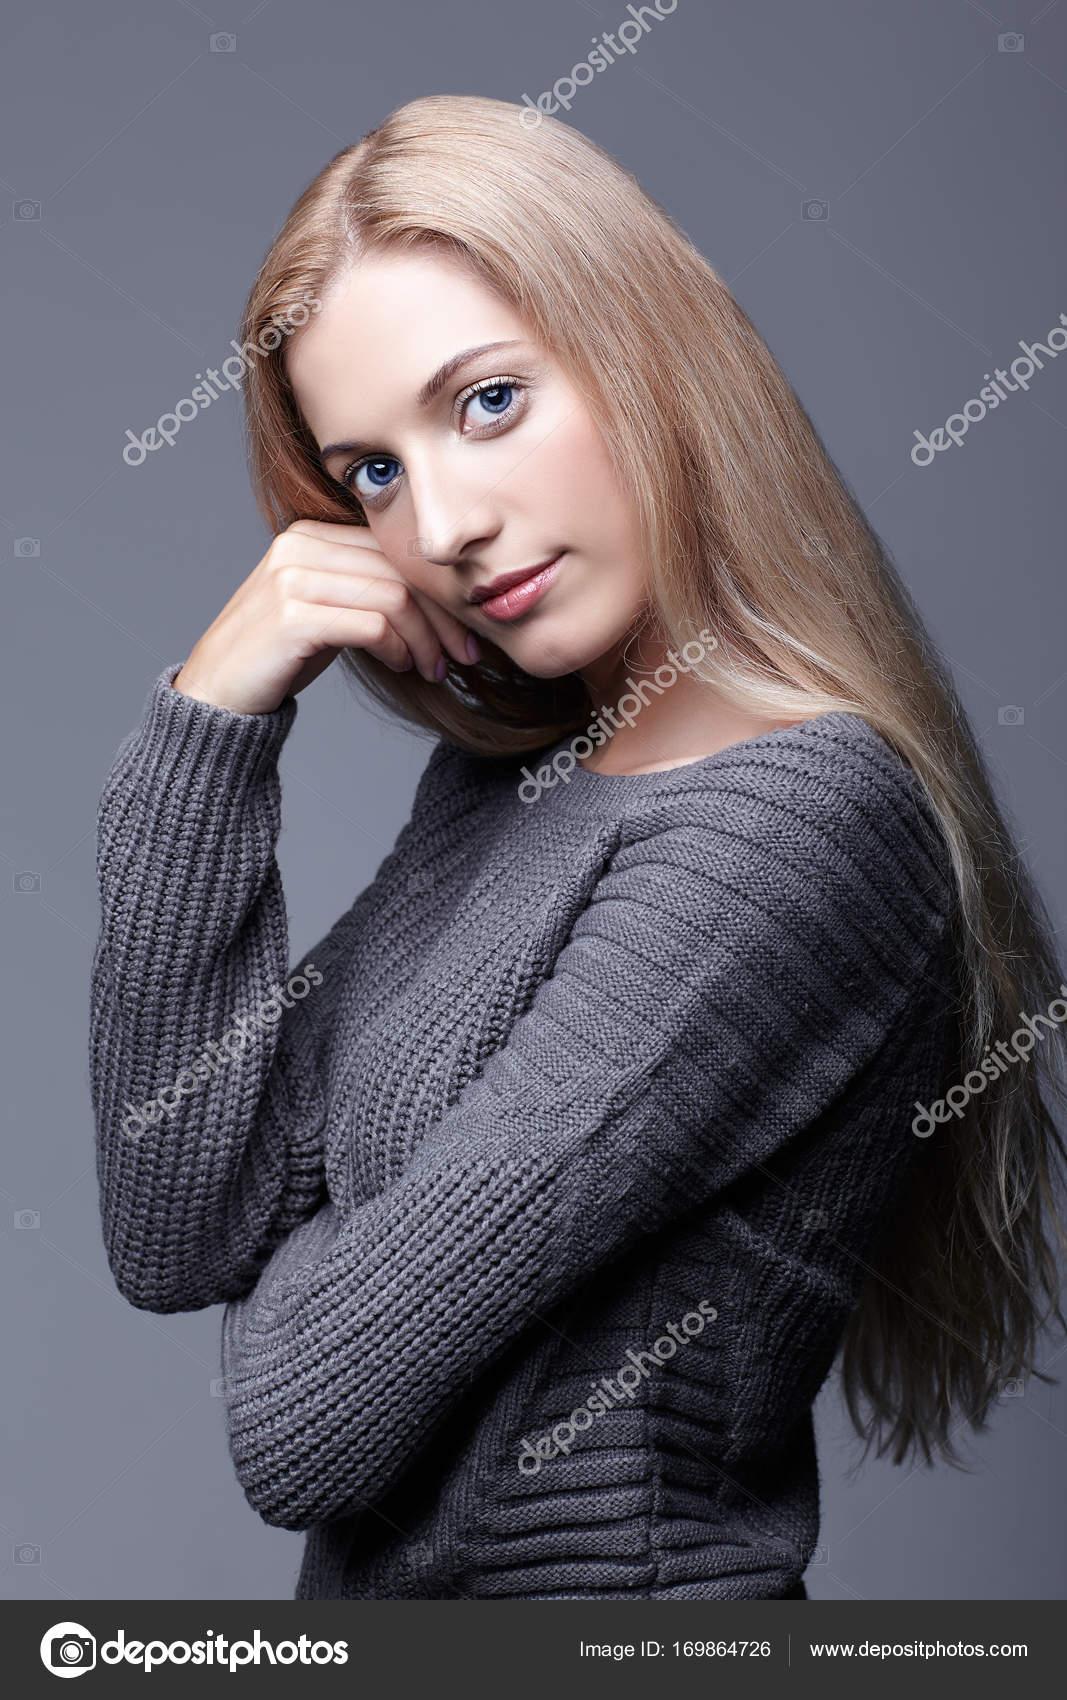 ba89e97a76b4 Προσωπογραφία νεαρής γυναίκας ρομαντικά σε γκρι μάλλινο πουλόβερ. Έ — Φωτογραφία  Αρχείου